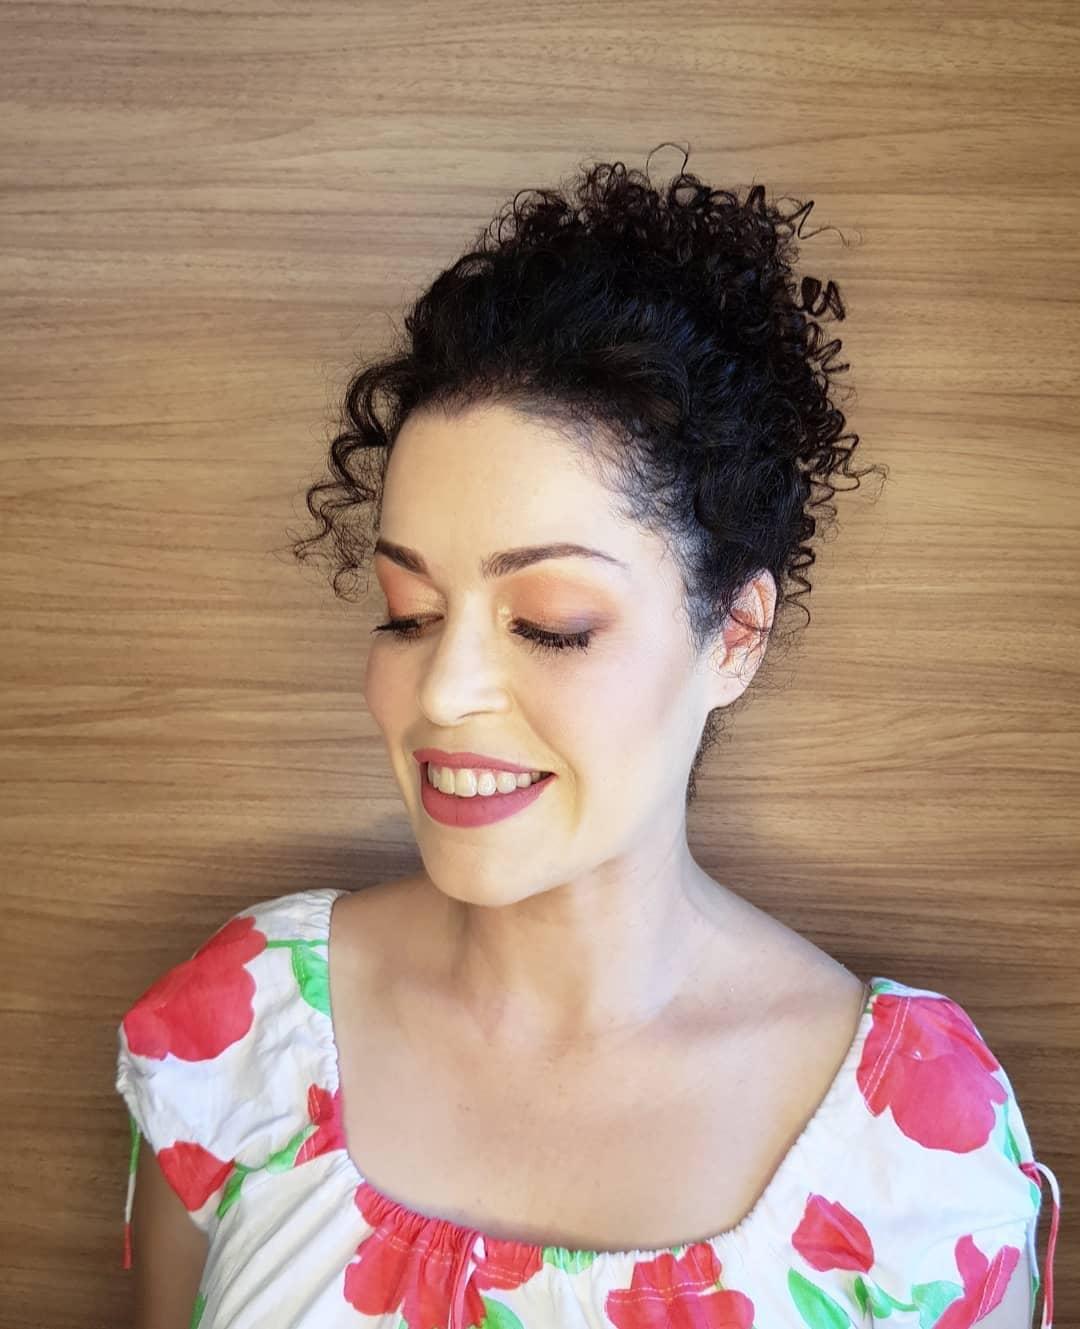 1612586161 51 Peinados faciles para el cabello rizado 20 mega ideas increibles - Peinados fáciles para el cabello rizado: 20 mega ideas increíbles